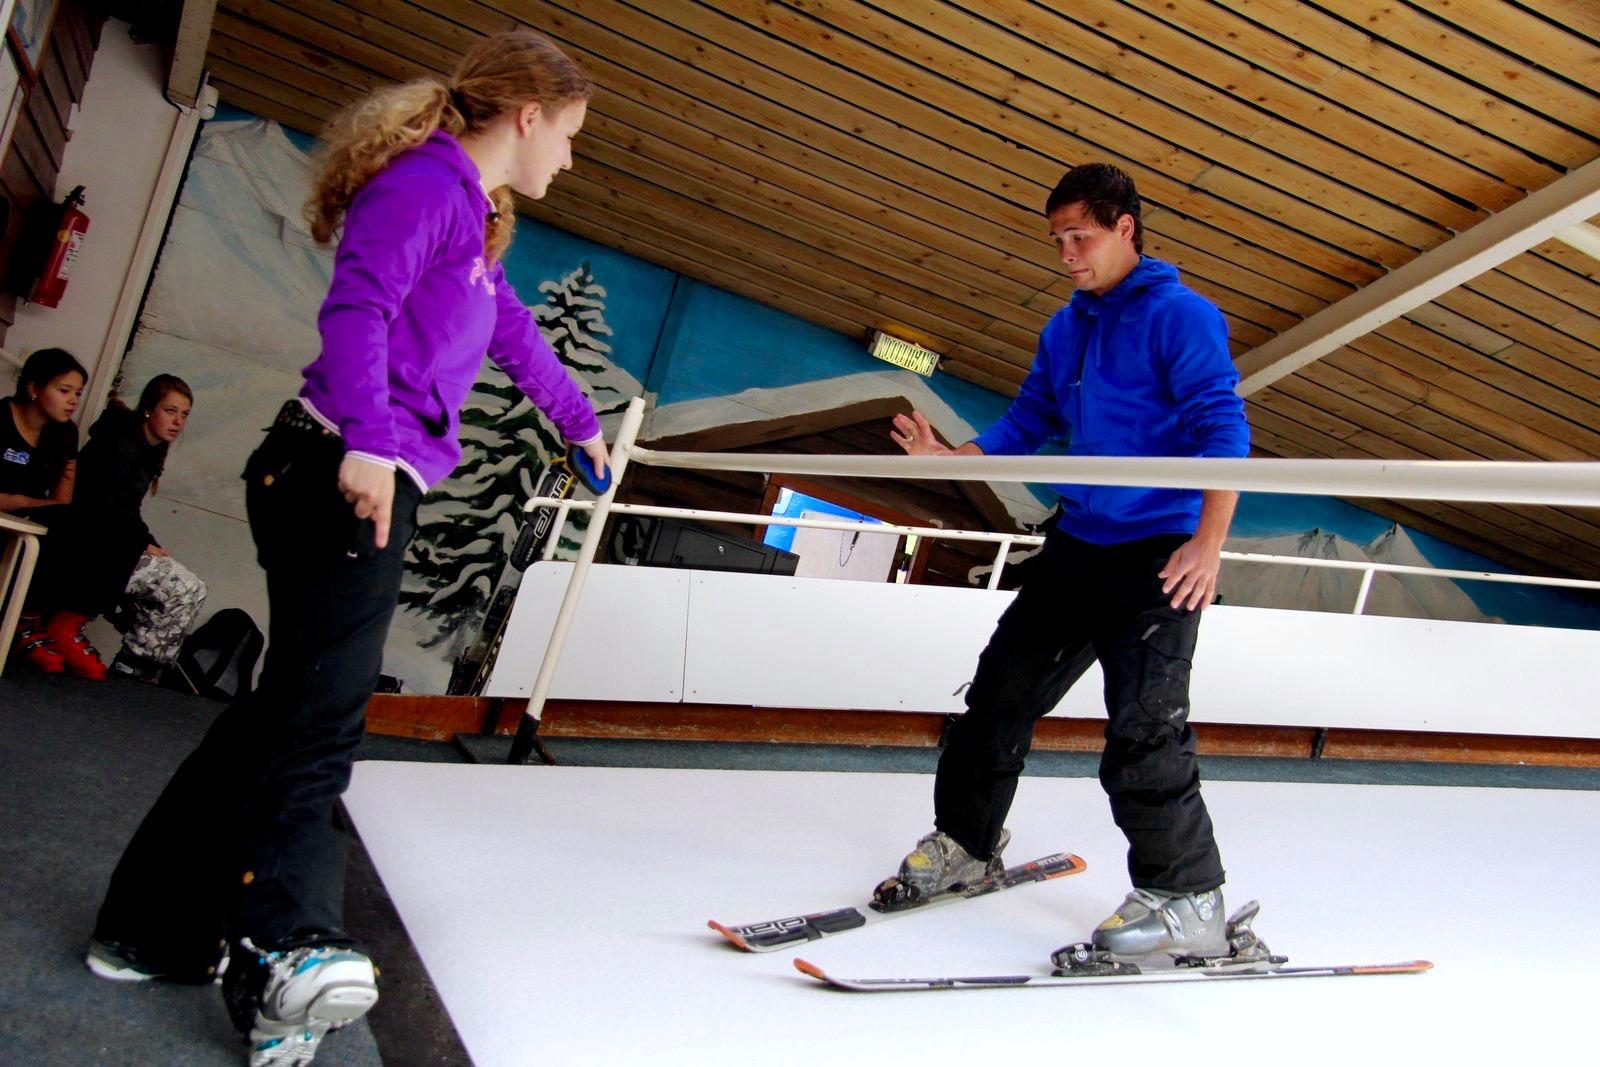 Leraar van SkiDiscovery geeft les op rollerbaan